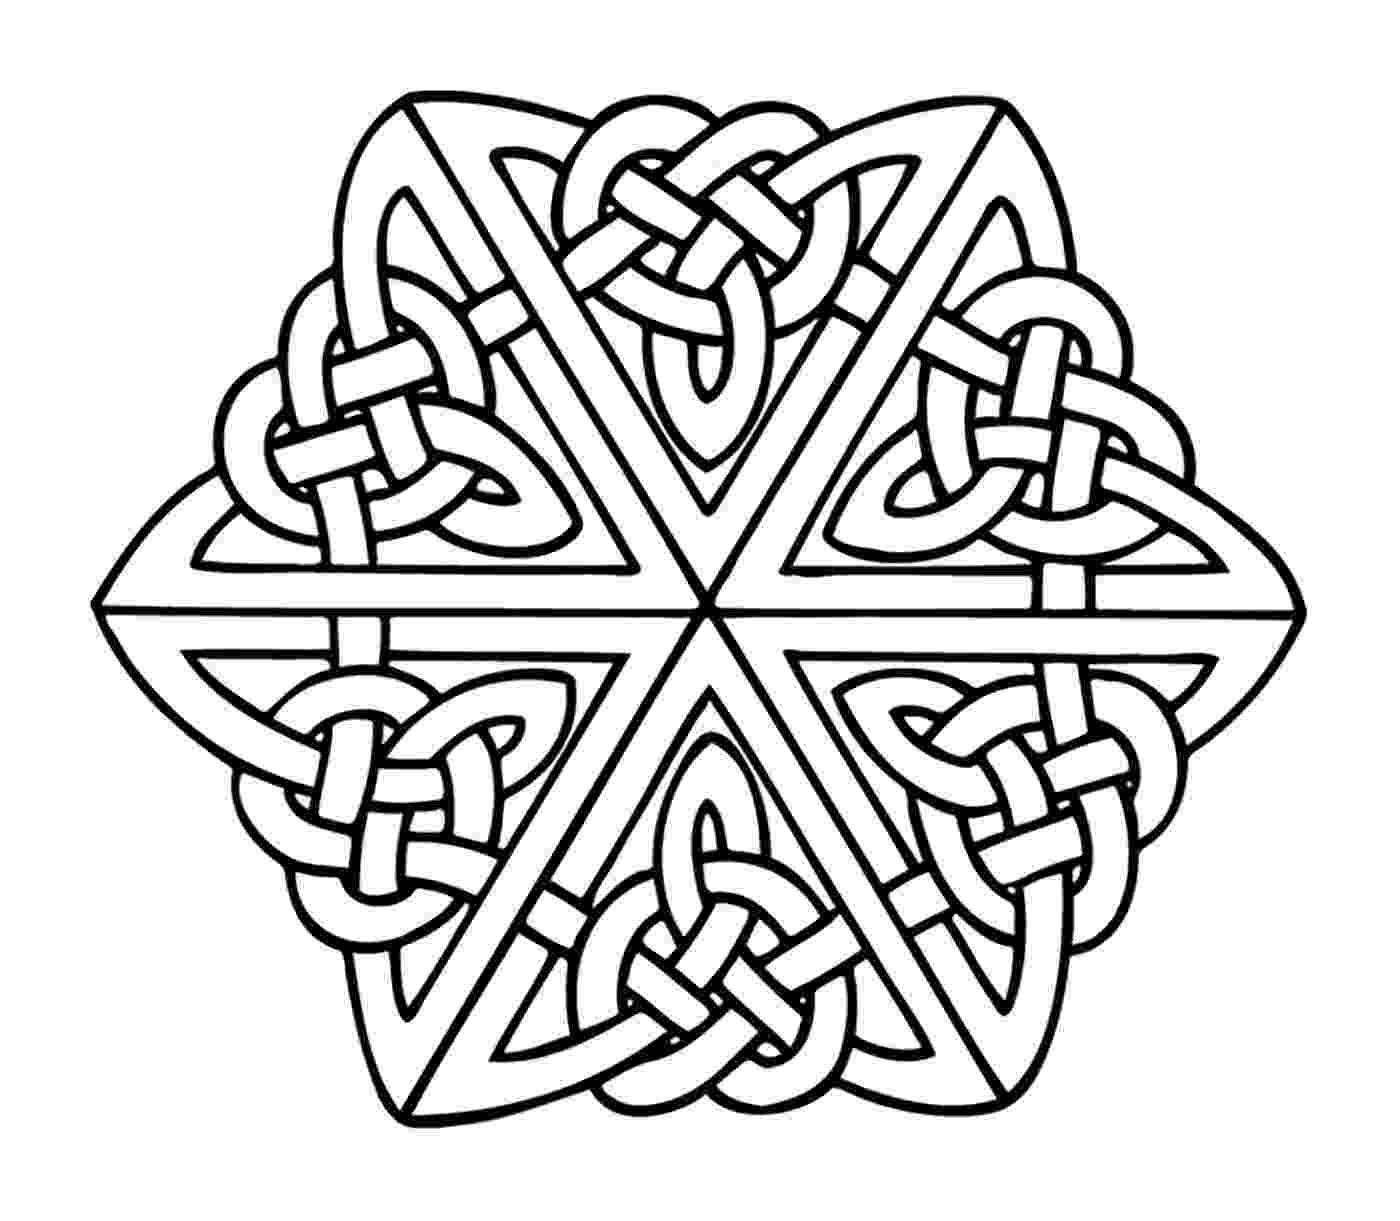 celtic flowers coloring book celtic knots coloring pages coloring home flowers coloring celtic book